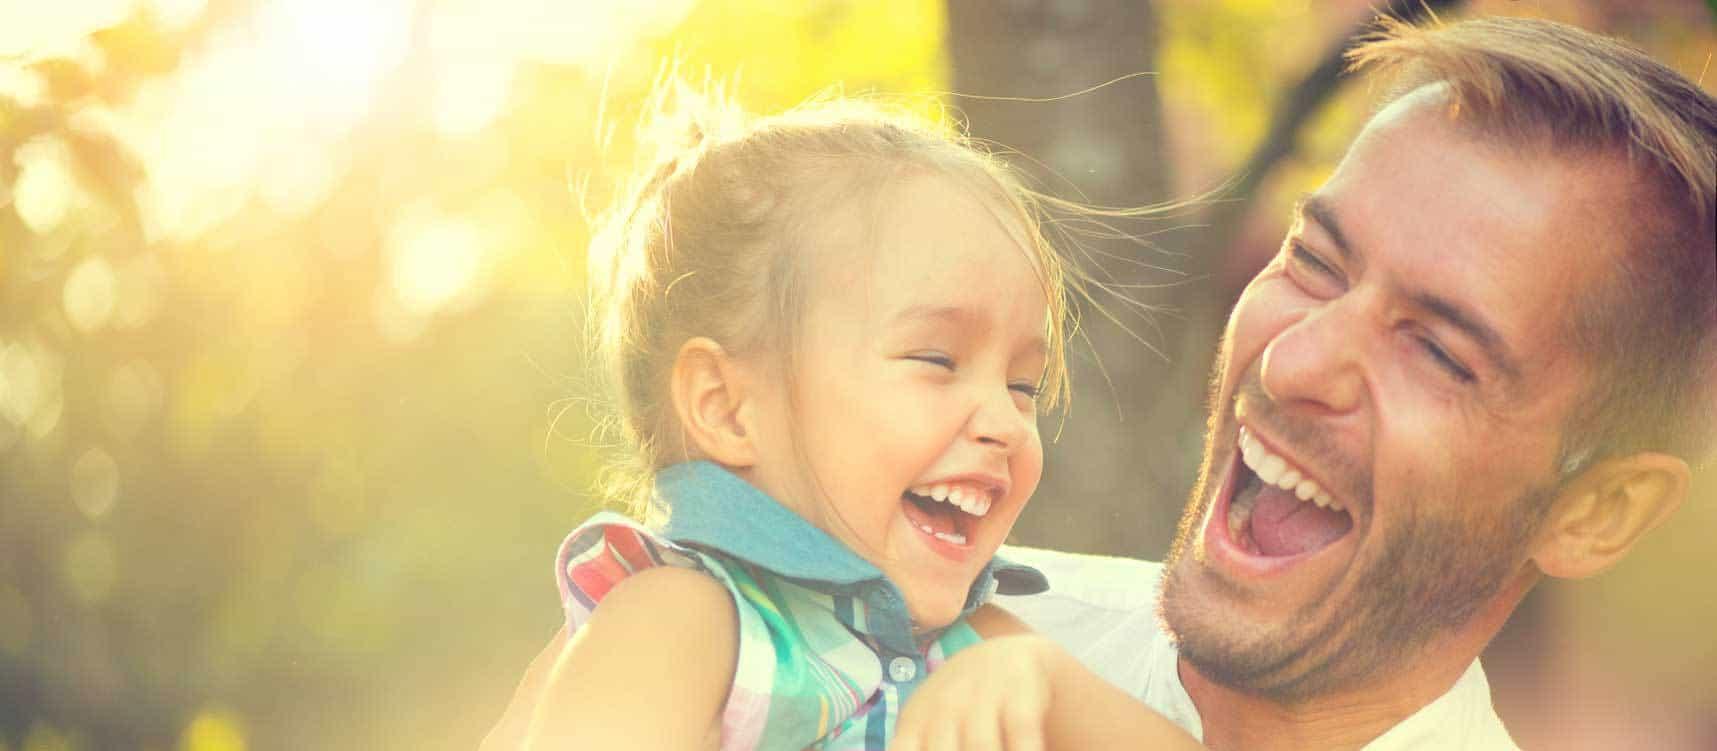 Vater mit kleiner Tochter im Arm kommen gerade lachend vom Zähne versiegeln, im Hintergrund ist Wald